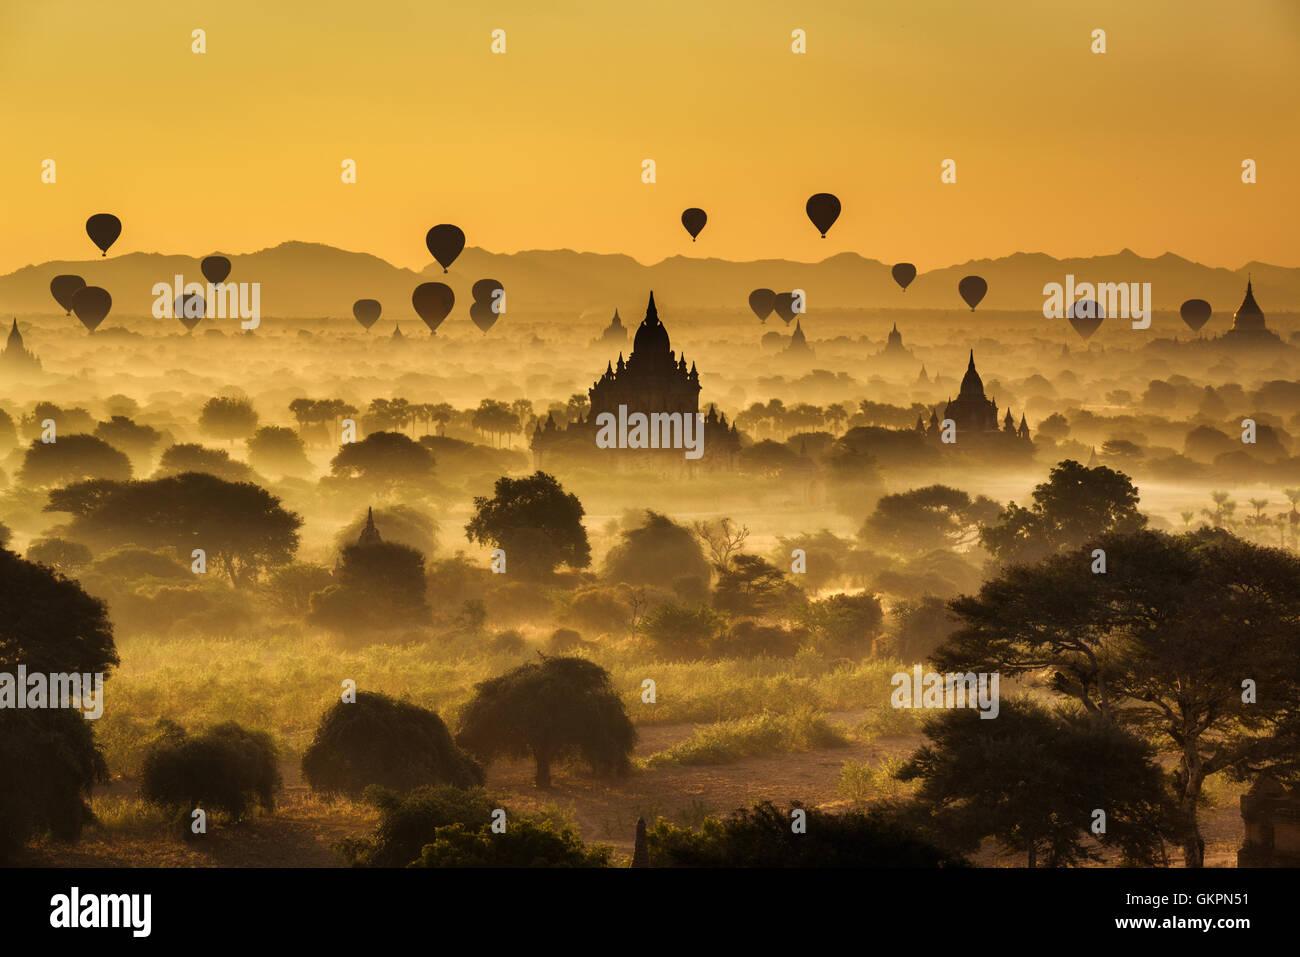 Scenic amanecer con muchos globos de aire caliente por encima de bagan en Myanmar Foto de stock